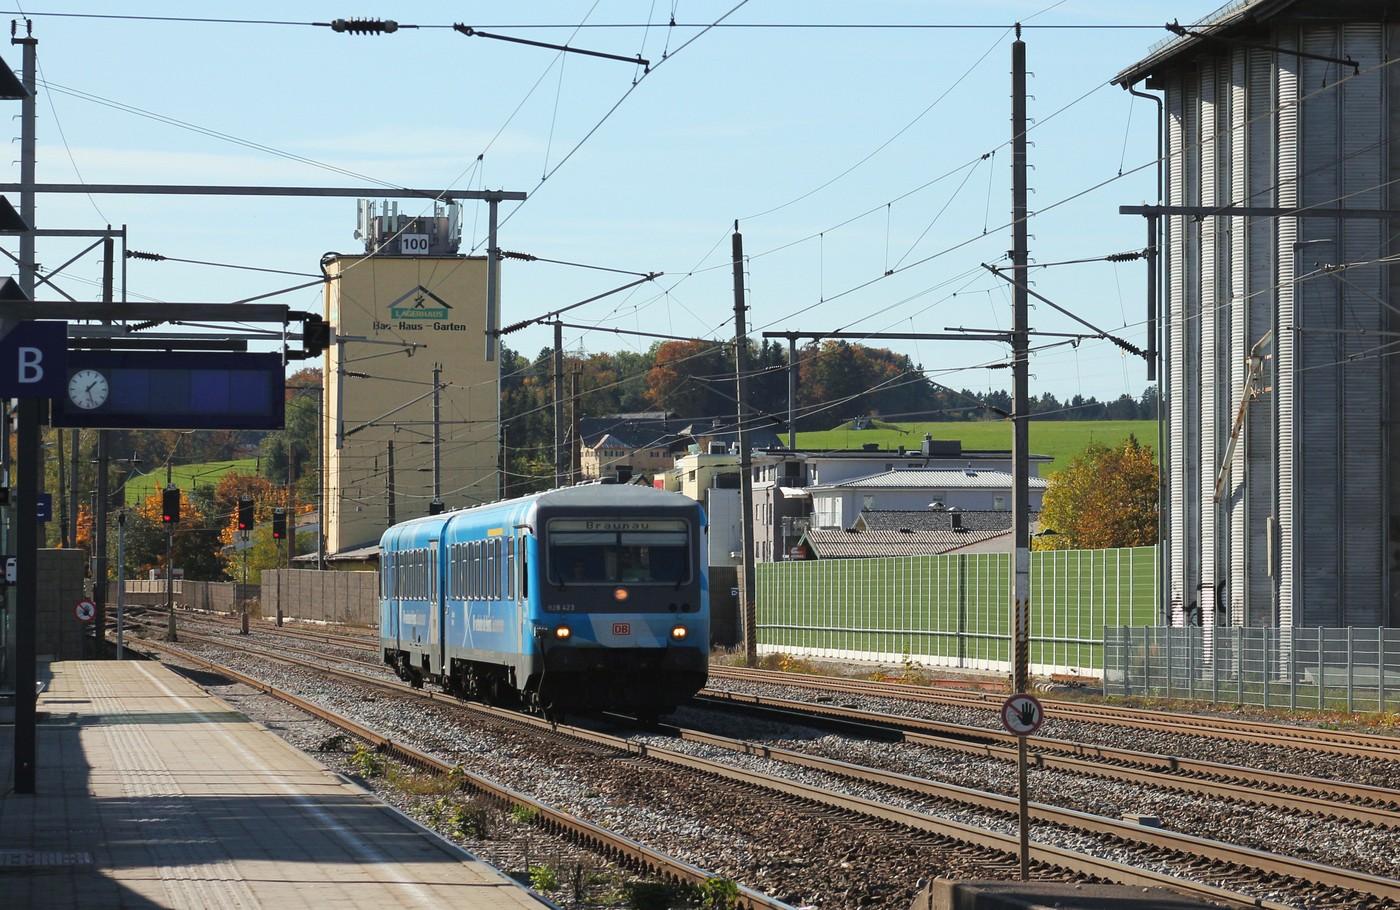 http://www.eisenbahn-im-bild.de/Temp/A_Seekirchen_IMG_0886.jpg